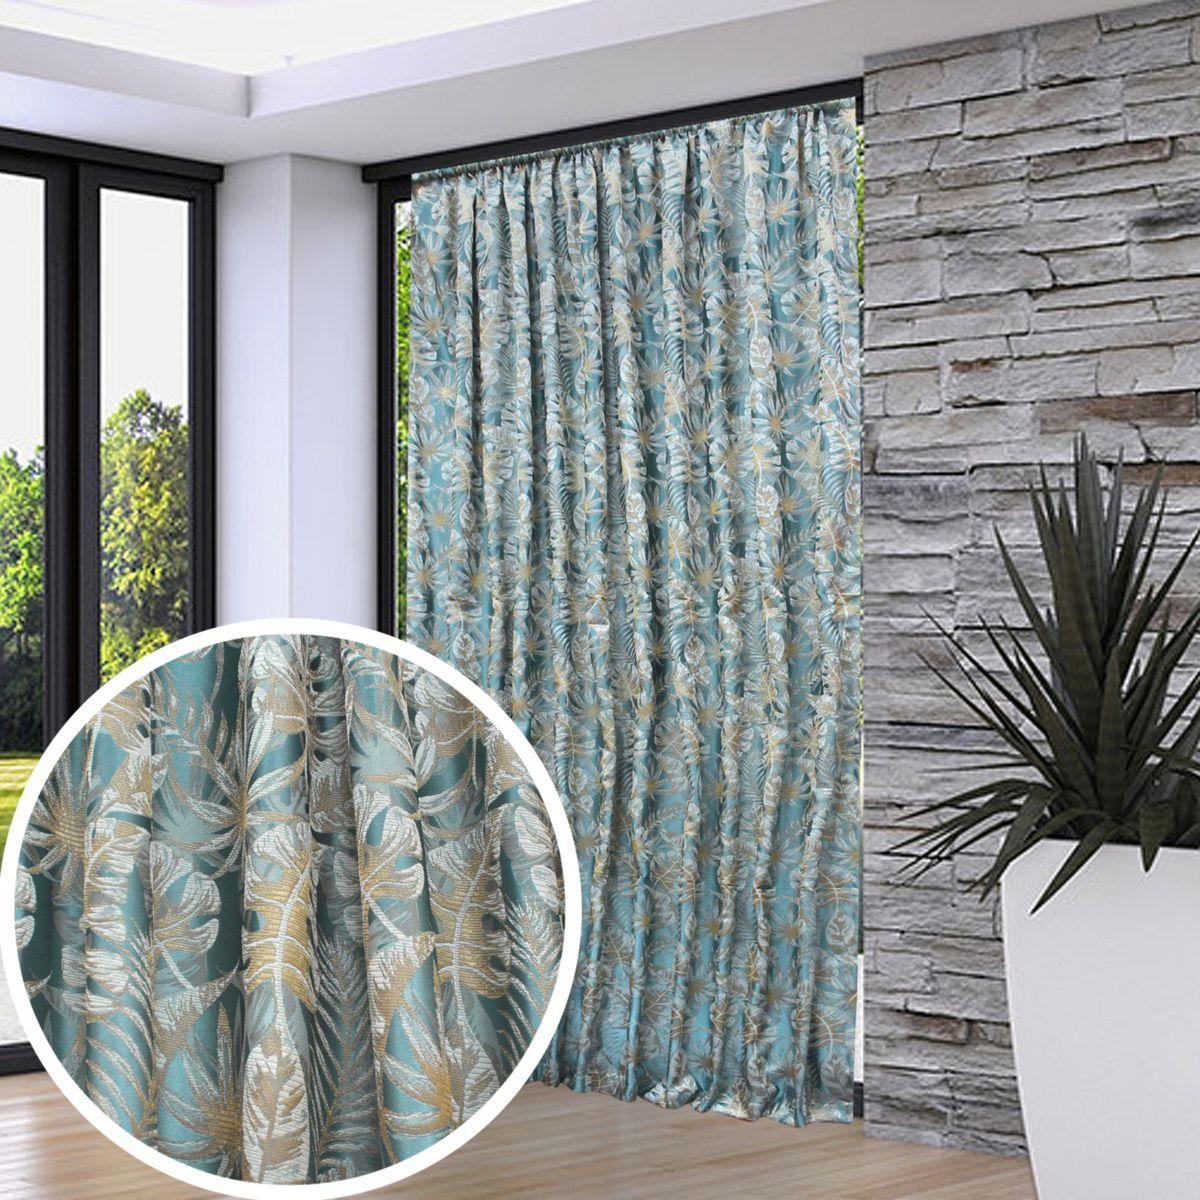 Портьера Amore Mio изготовлена из высокоплотной жаккардовой ткани с самым модным в этом сезоне изображением тропического лиственного леса. Ткань изготовлена в Турции, идеально подобраны оттенки, отлично драпируется. Изделие на шторной ленте и готово к использованию.